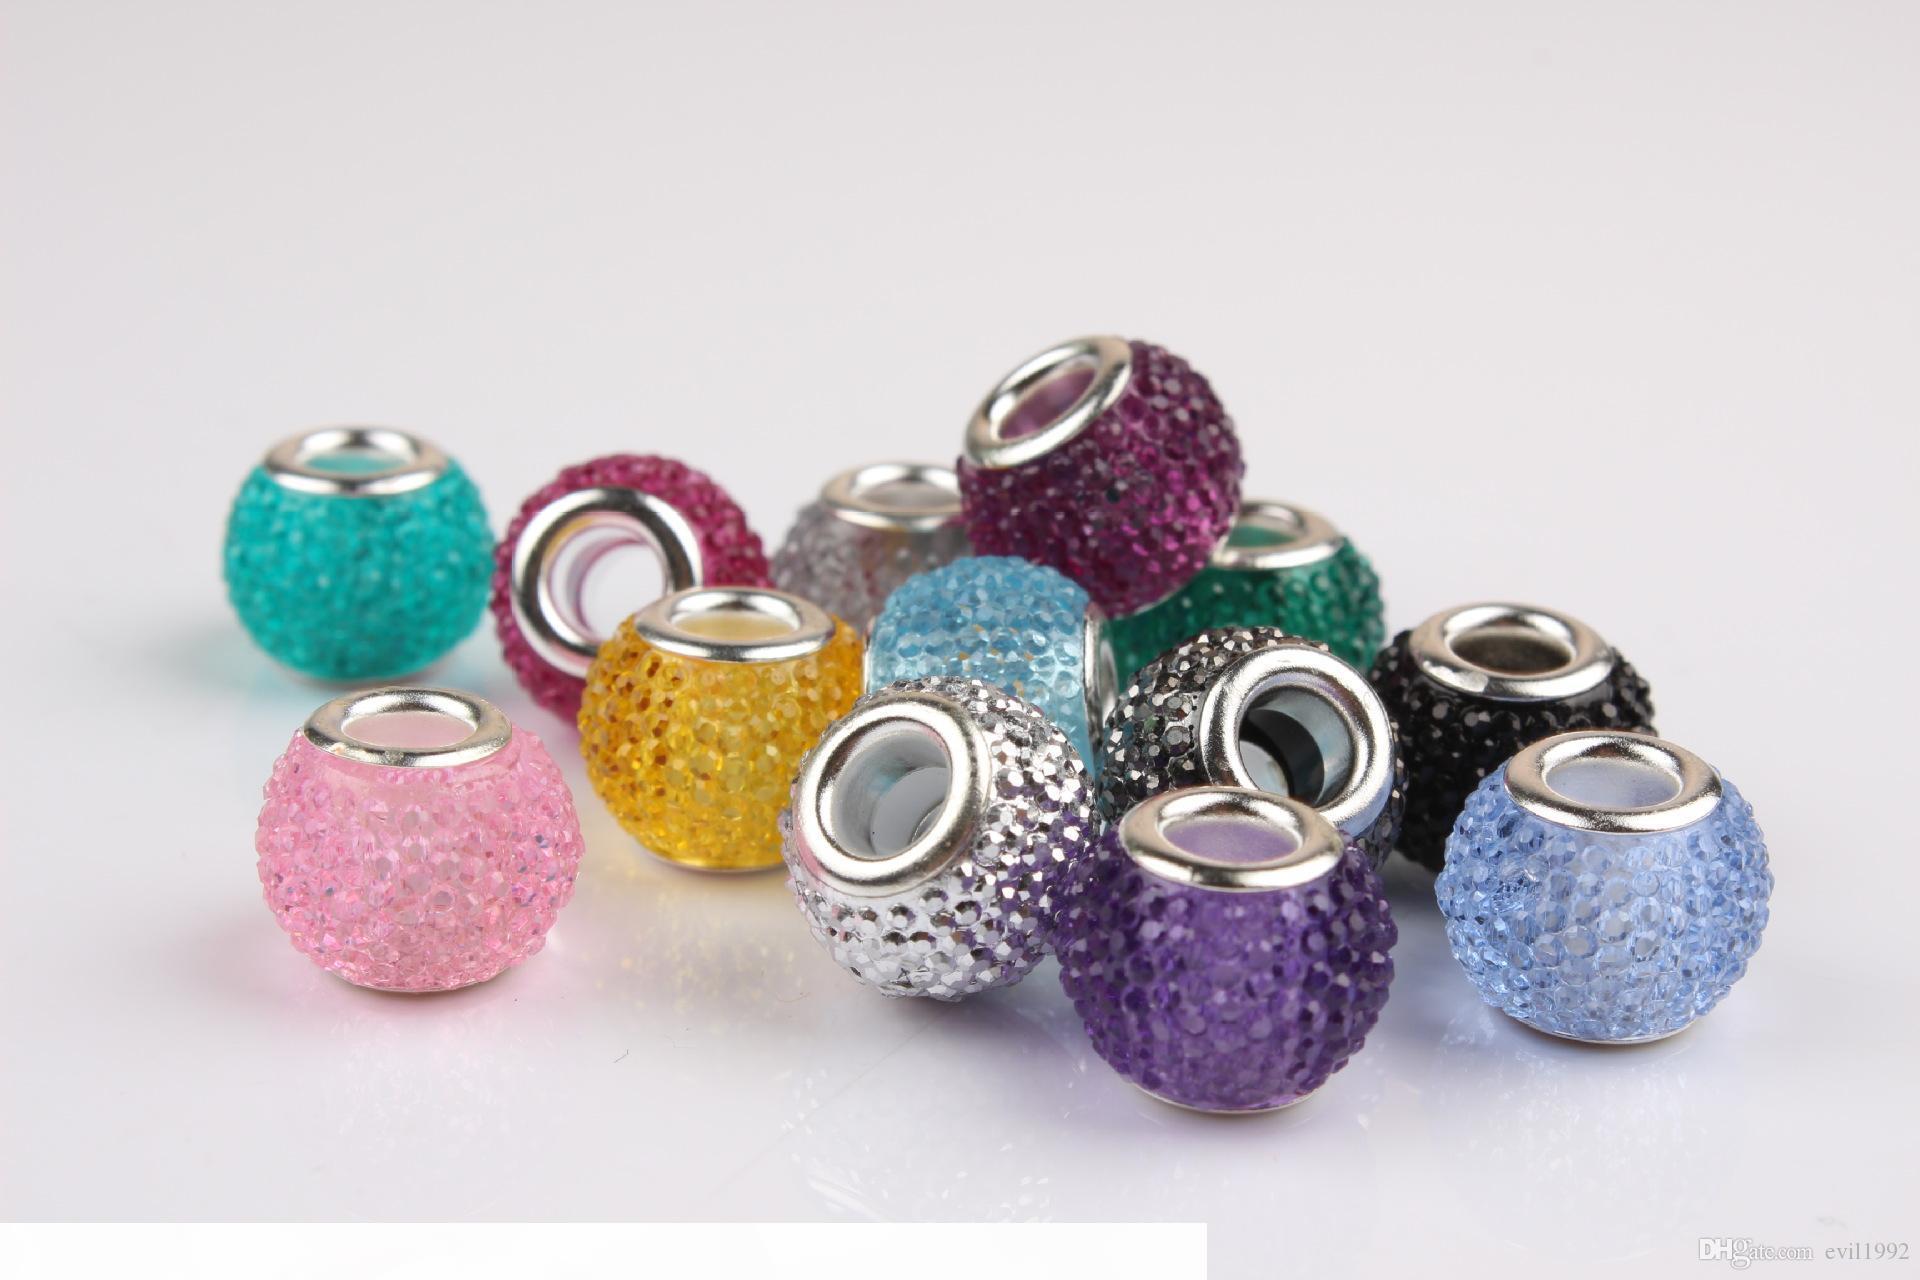 Pandora Stil Bilezikler Diy Takı Avrupa Kadınlar Kızlar Hediyeler için E 10pcs Reçine Sevimli Alaşım Boncuk Charms B0011